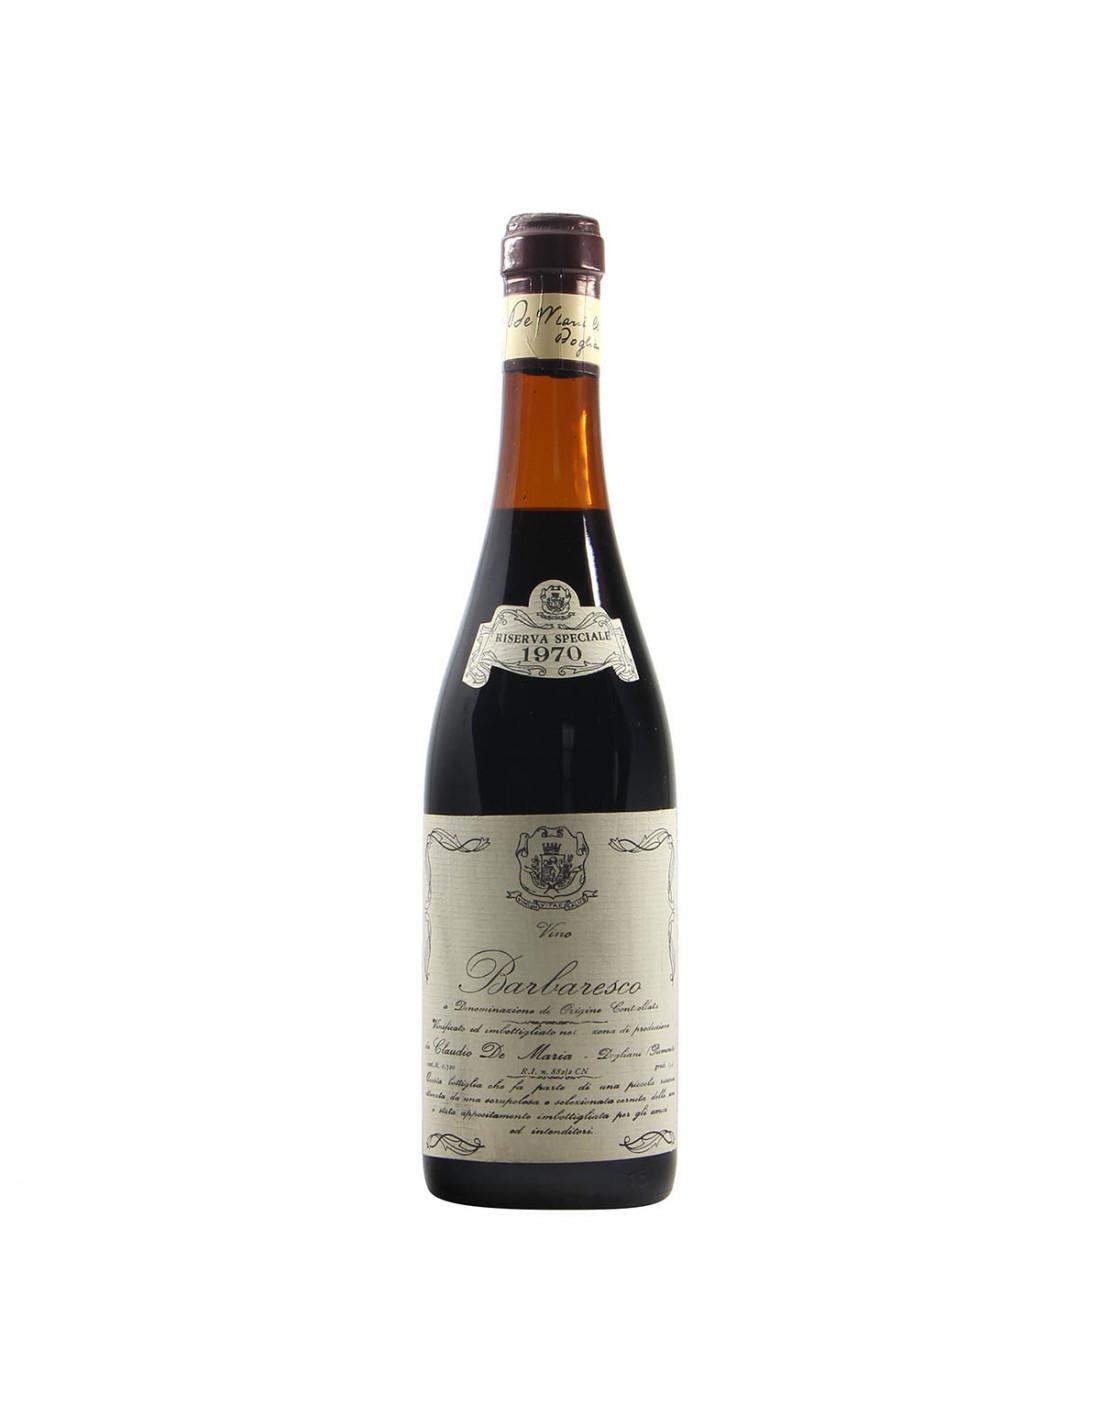 De Maria Barbaresco Riserva Speciale 1970 Grandi Bottiglie